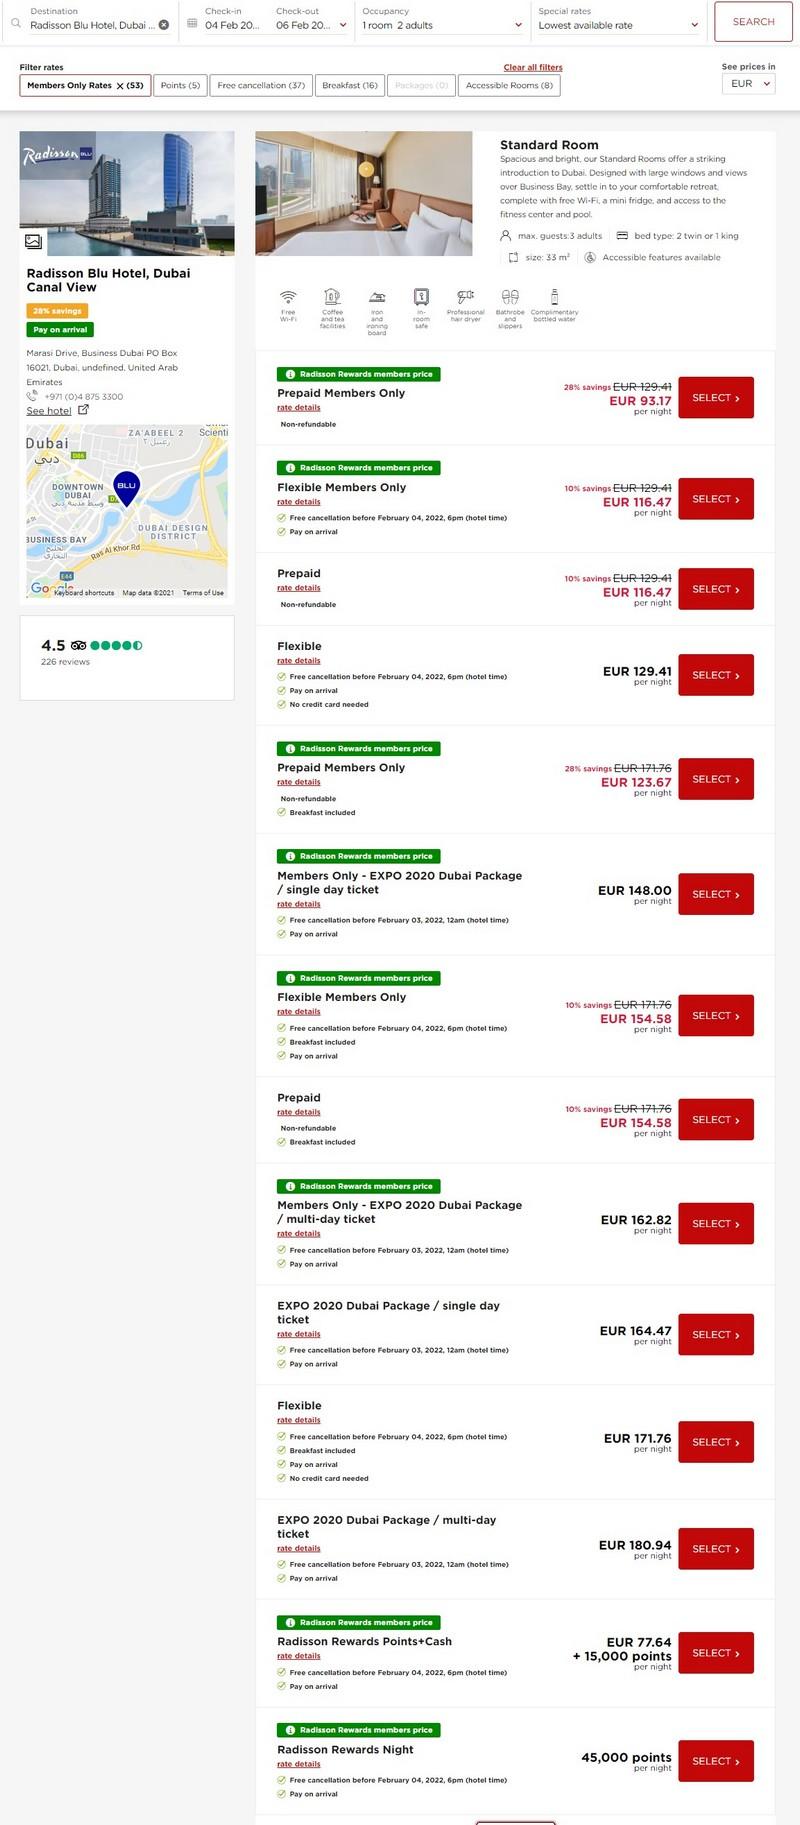 Preisbeispiel Radisson Blu Dubai Canal View - Vergleich aller Raten